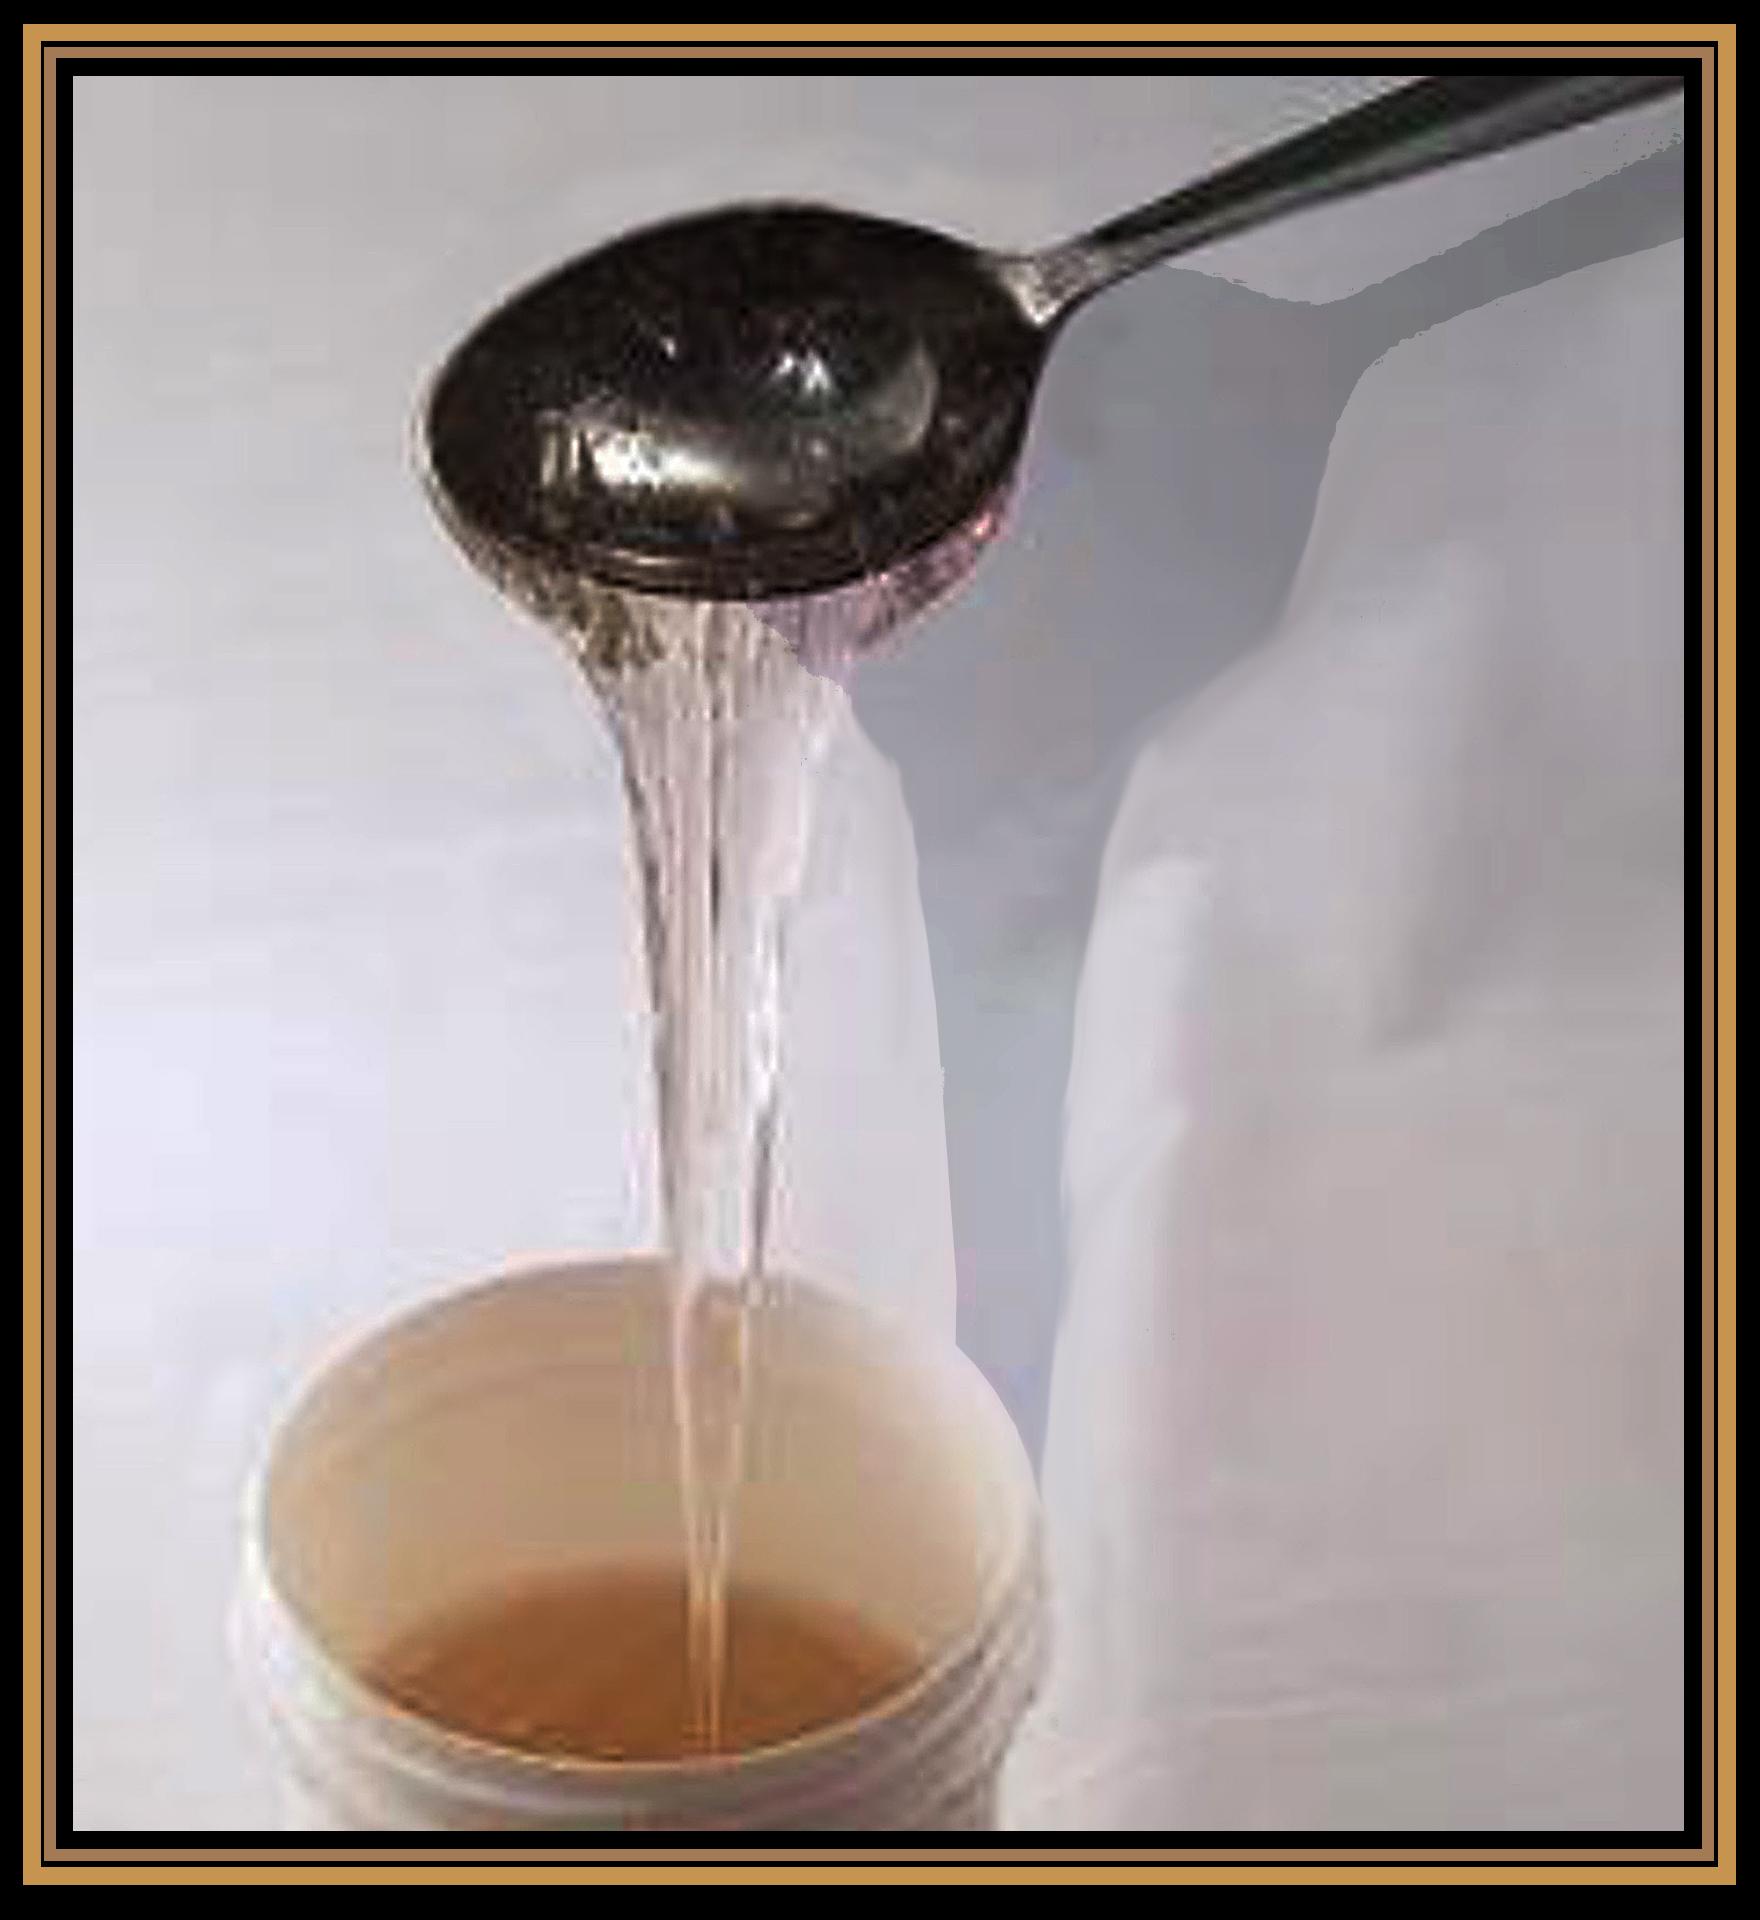 Om waterglas uit te smeren krijgt waterglas ongeveer de stroperigheid van honing. Om gaten dicht te stoppen wordt waterglas een stuk steviger aangebracht.